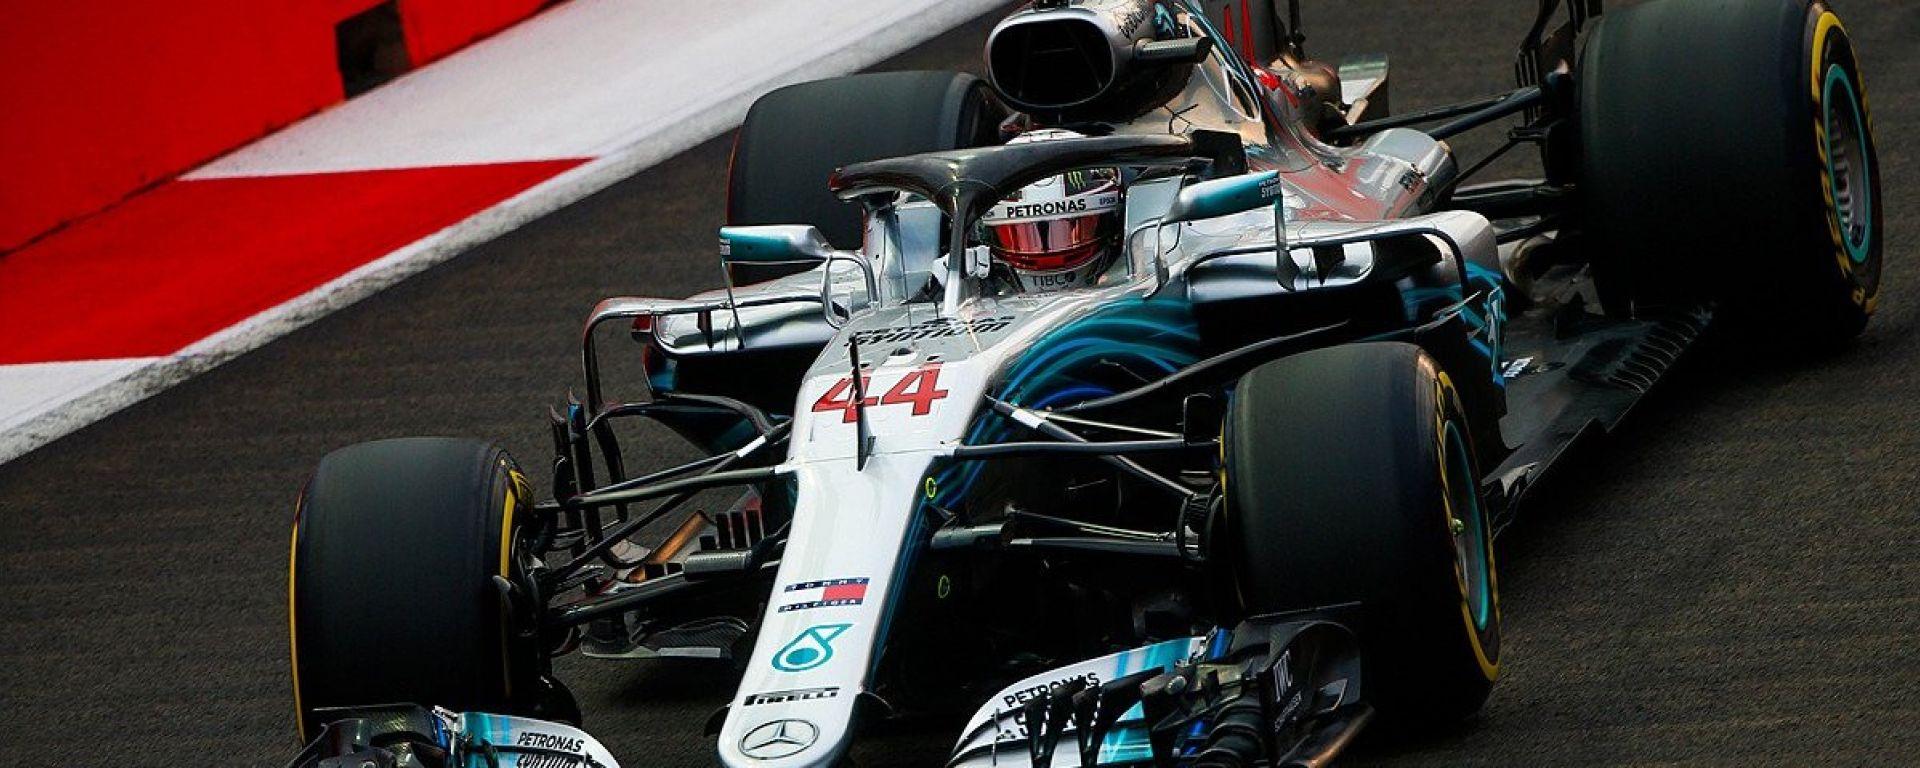 GP Singapore 2018, qualifiche: Lewis Hamilton in azione con la sua Mercedes